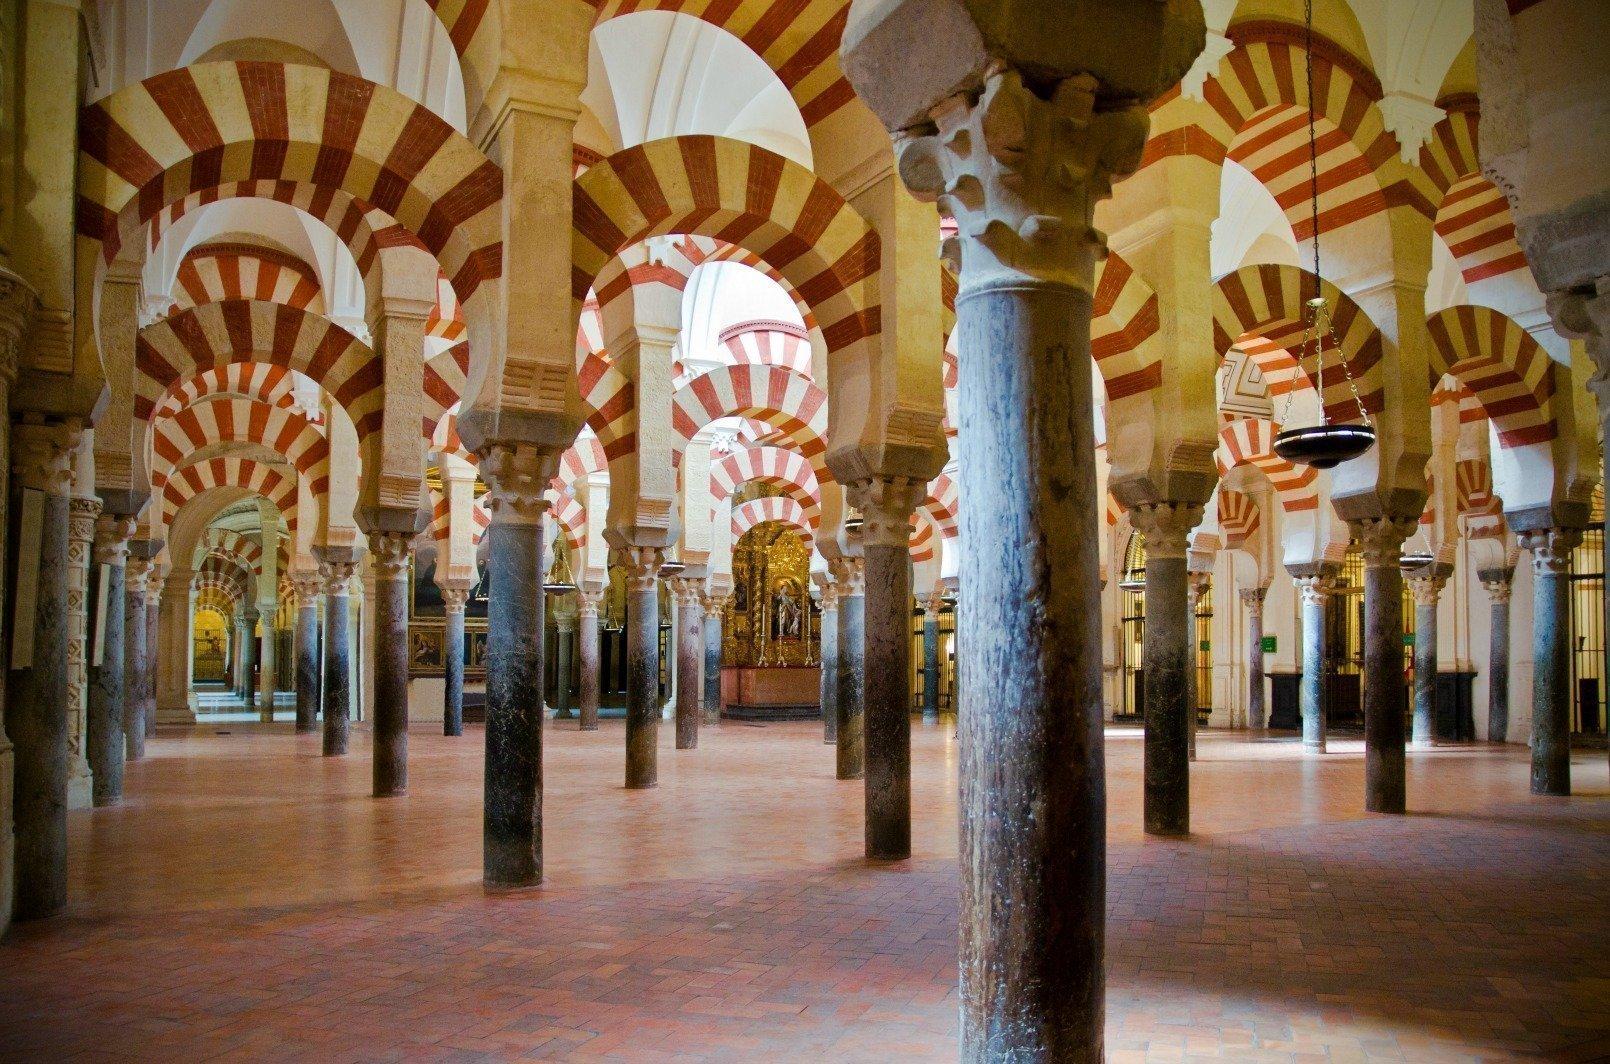 Mezquita Picture: Weekend Getaway In Spain: Córdoba